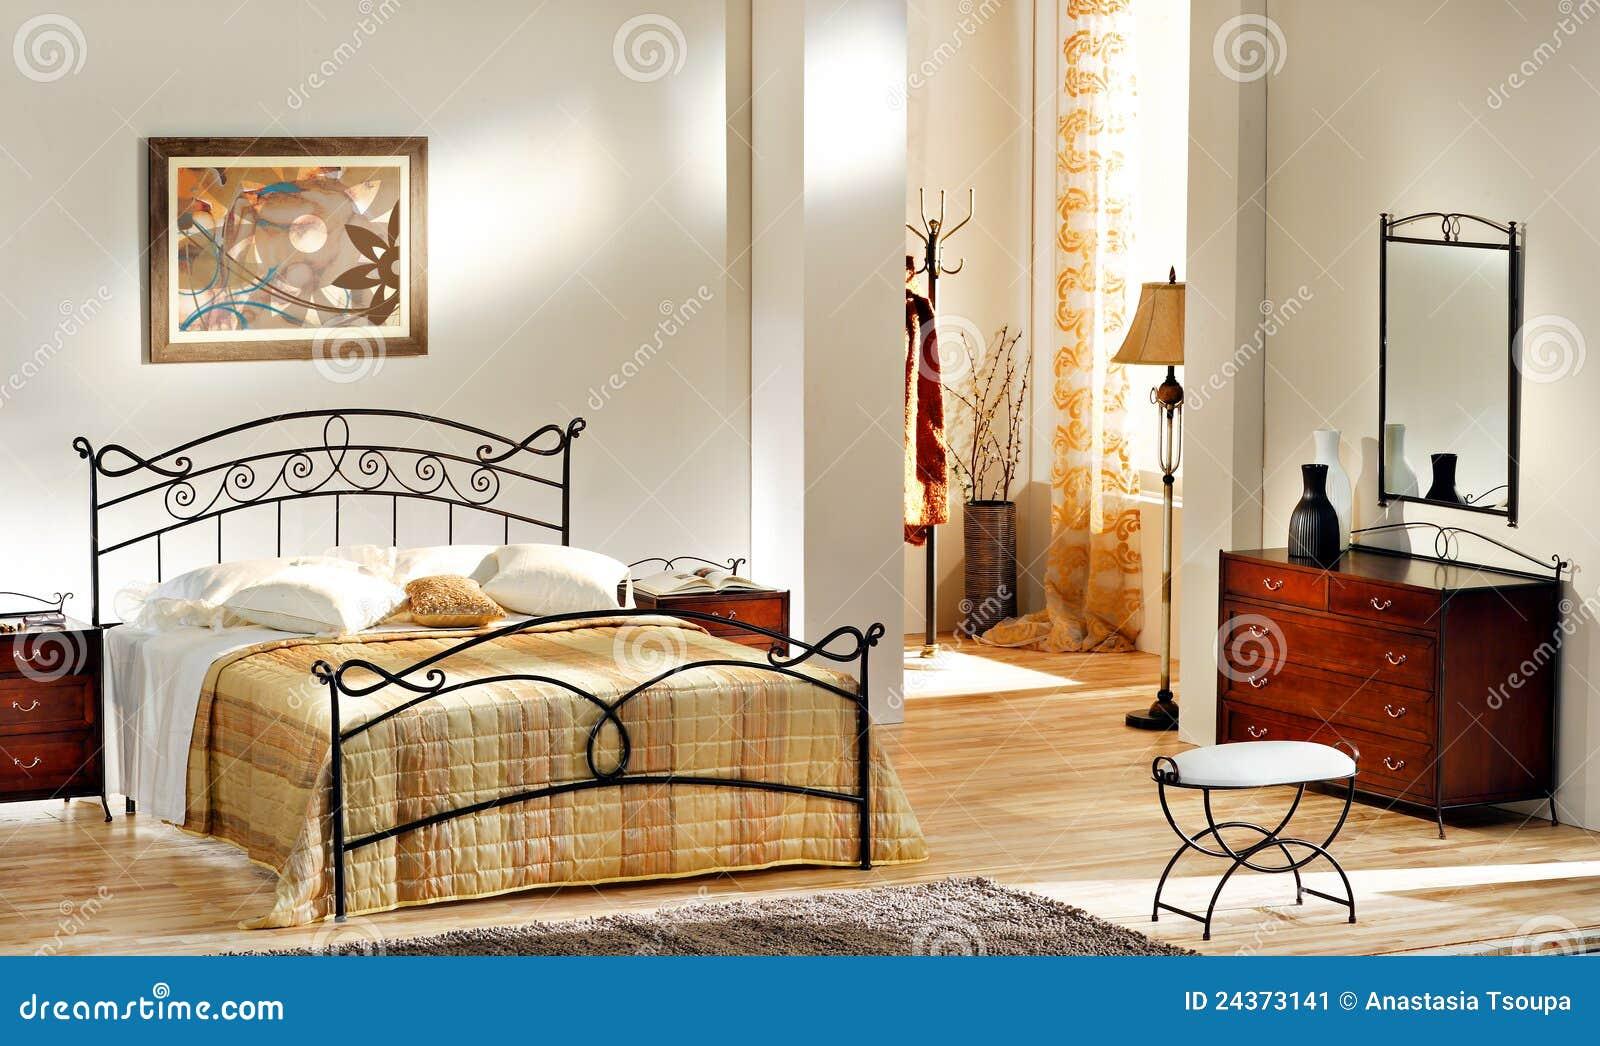 Camera da letto classica immagine stock immagine di condo 24373141 - Foto camera da letto ...